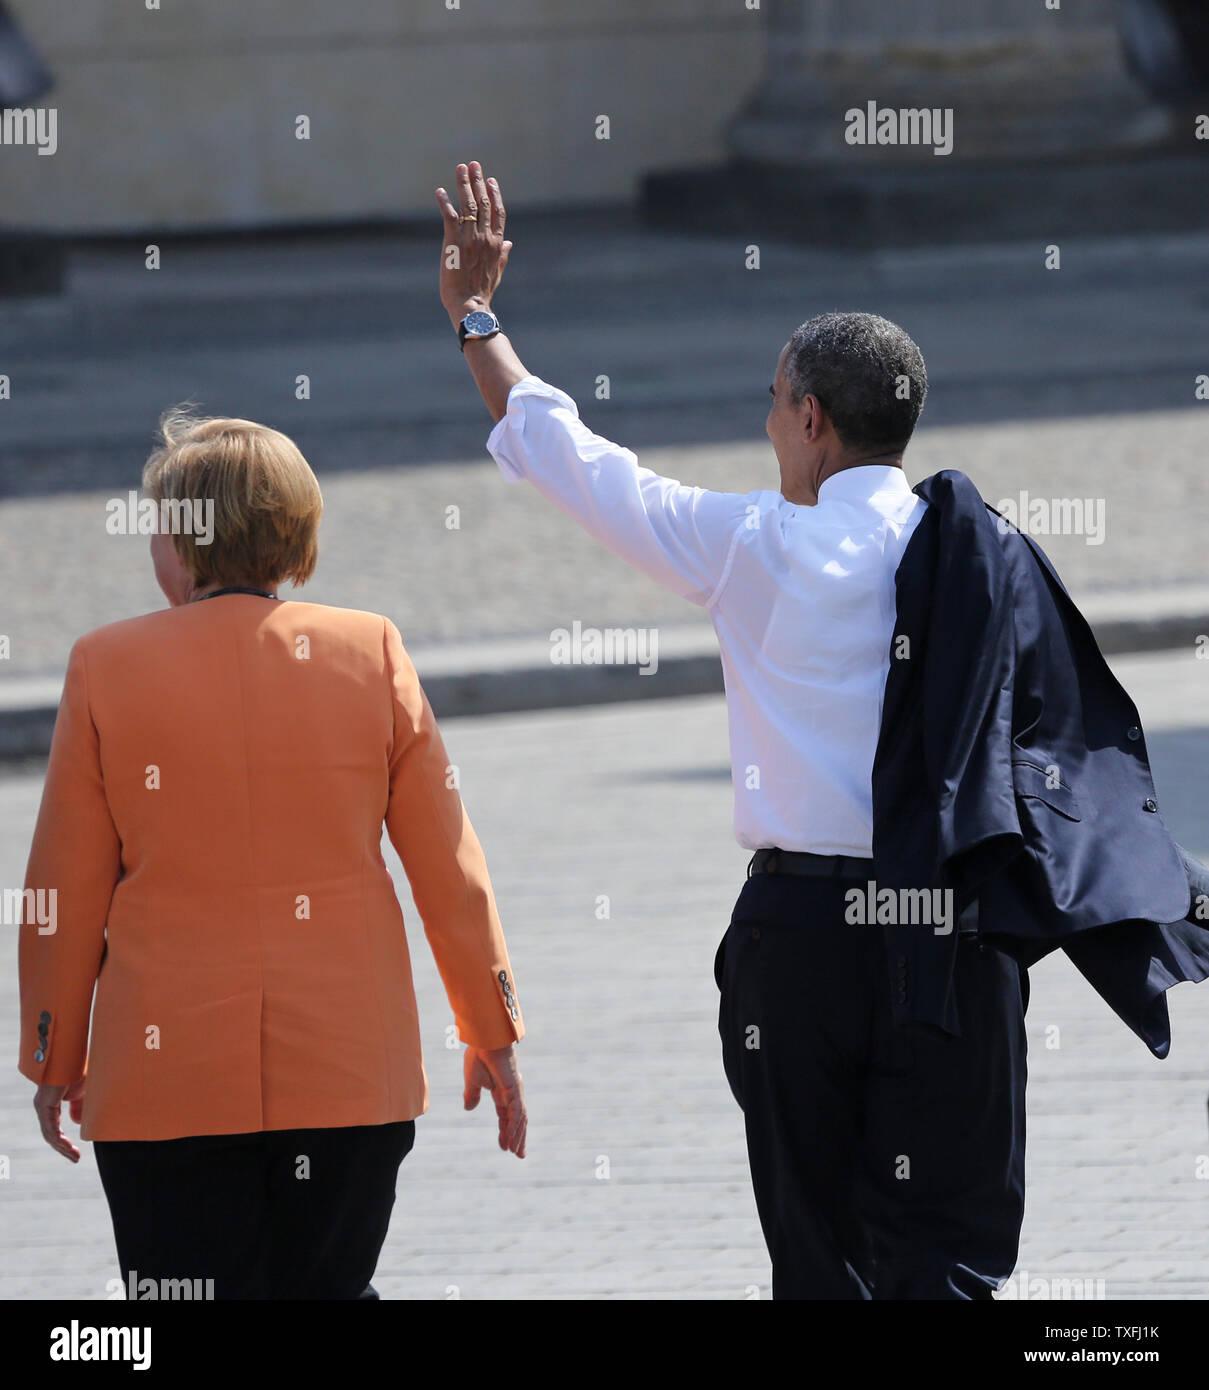 """Us-Präsident Barack Obama (R) und die deutsche Bundeskanzlerin Angela Merkel verlassen das Brandenburger Tor nach einer Rede am historischen Ort in Berlin, die am 19. Juni 2013. Obama ist in Berlin auf seinem ersten offiziellen Staatsbesuch in Deutschland und sprach an der gleichen Stelle wie fünfzig Jahre zuvor US-Präsident John F. Kennedy seinen berühmten """"Ich bin ein Berliner (ich bin ein Berliner)' Adresse zugestellt. UPI/David Silpa Stockfoto"""